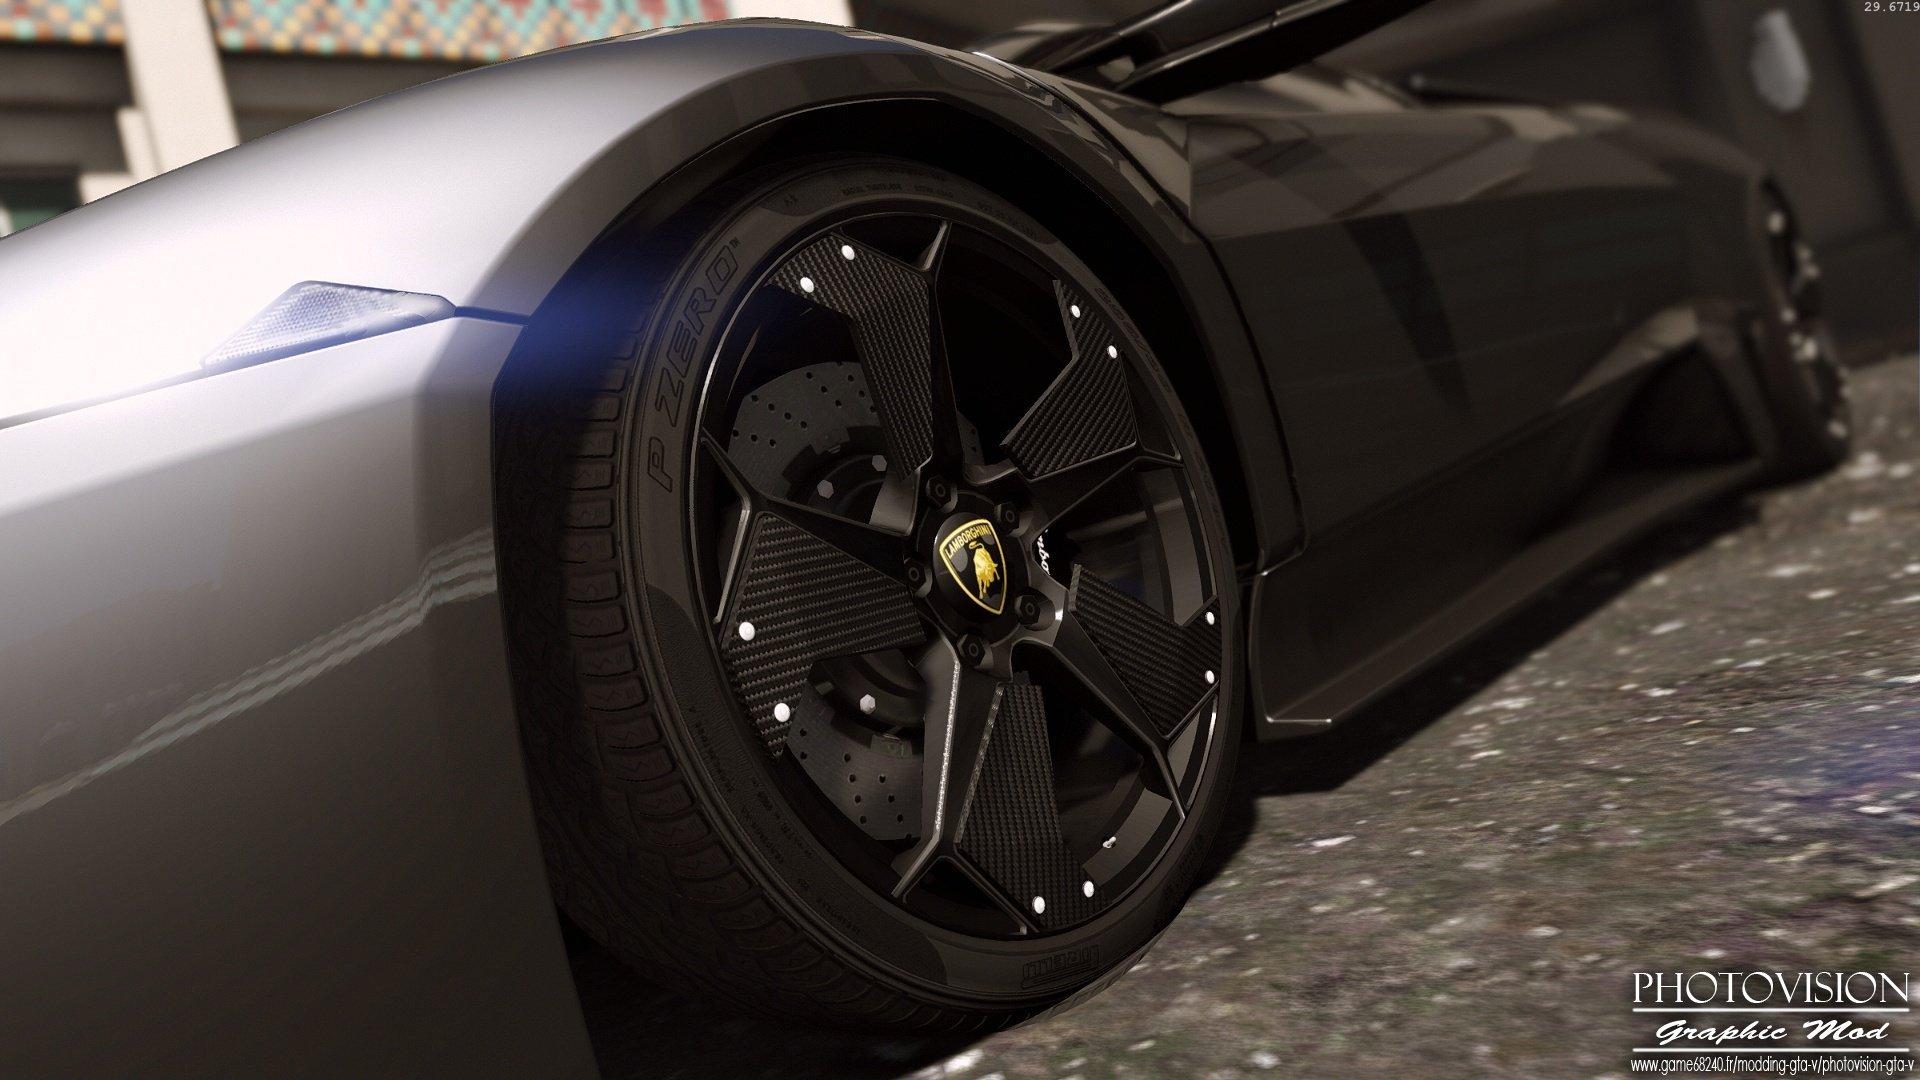 85d8c3 13 - Lamborghini Reventon